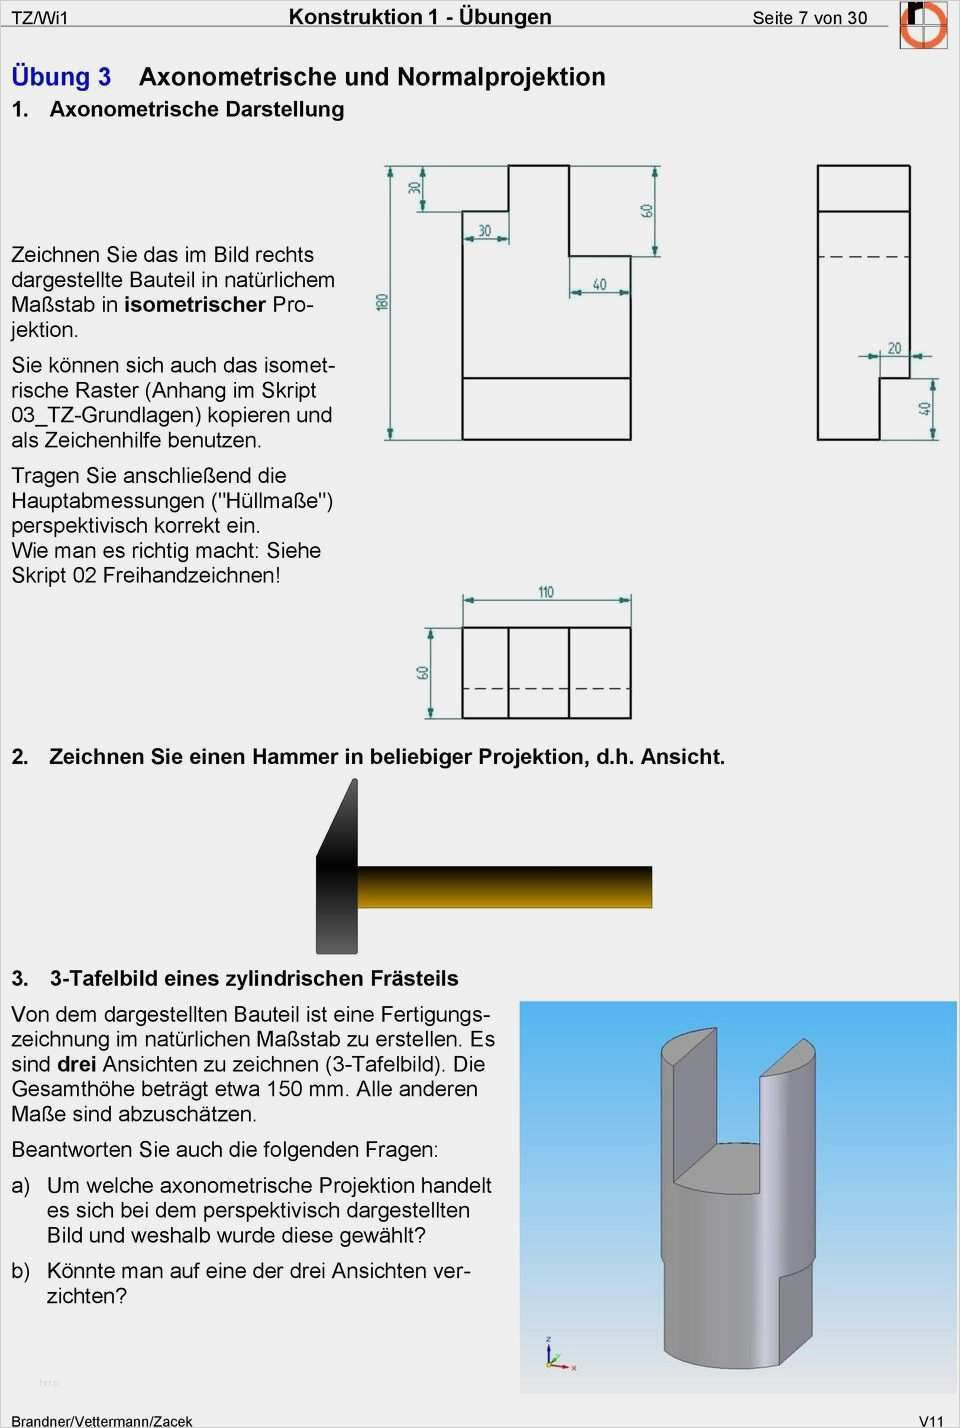 Best Of Technische Zeichnung Vorlage Pdf Foto In 2020 Vorlagen Lebenslauf Vorlagen Word Technische Zeichnung